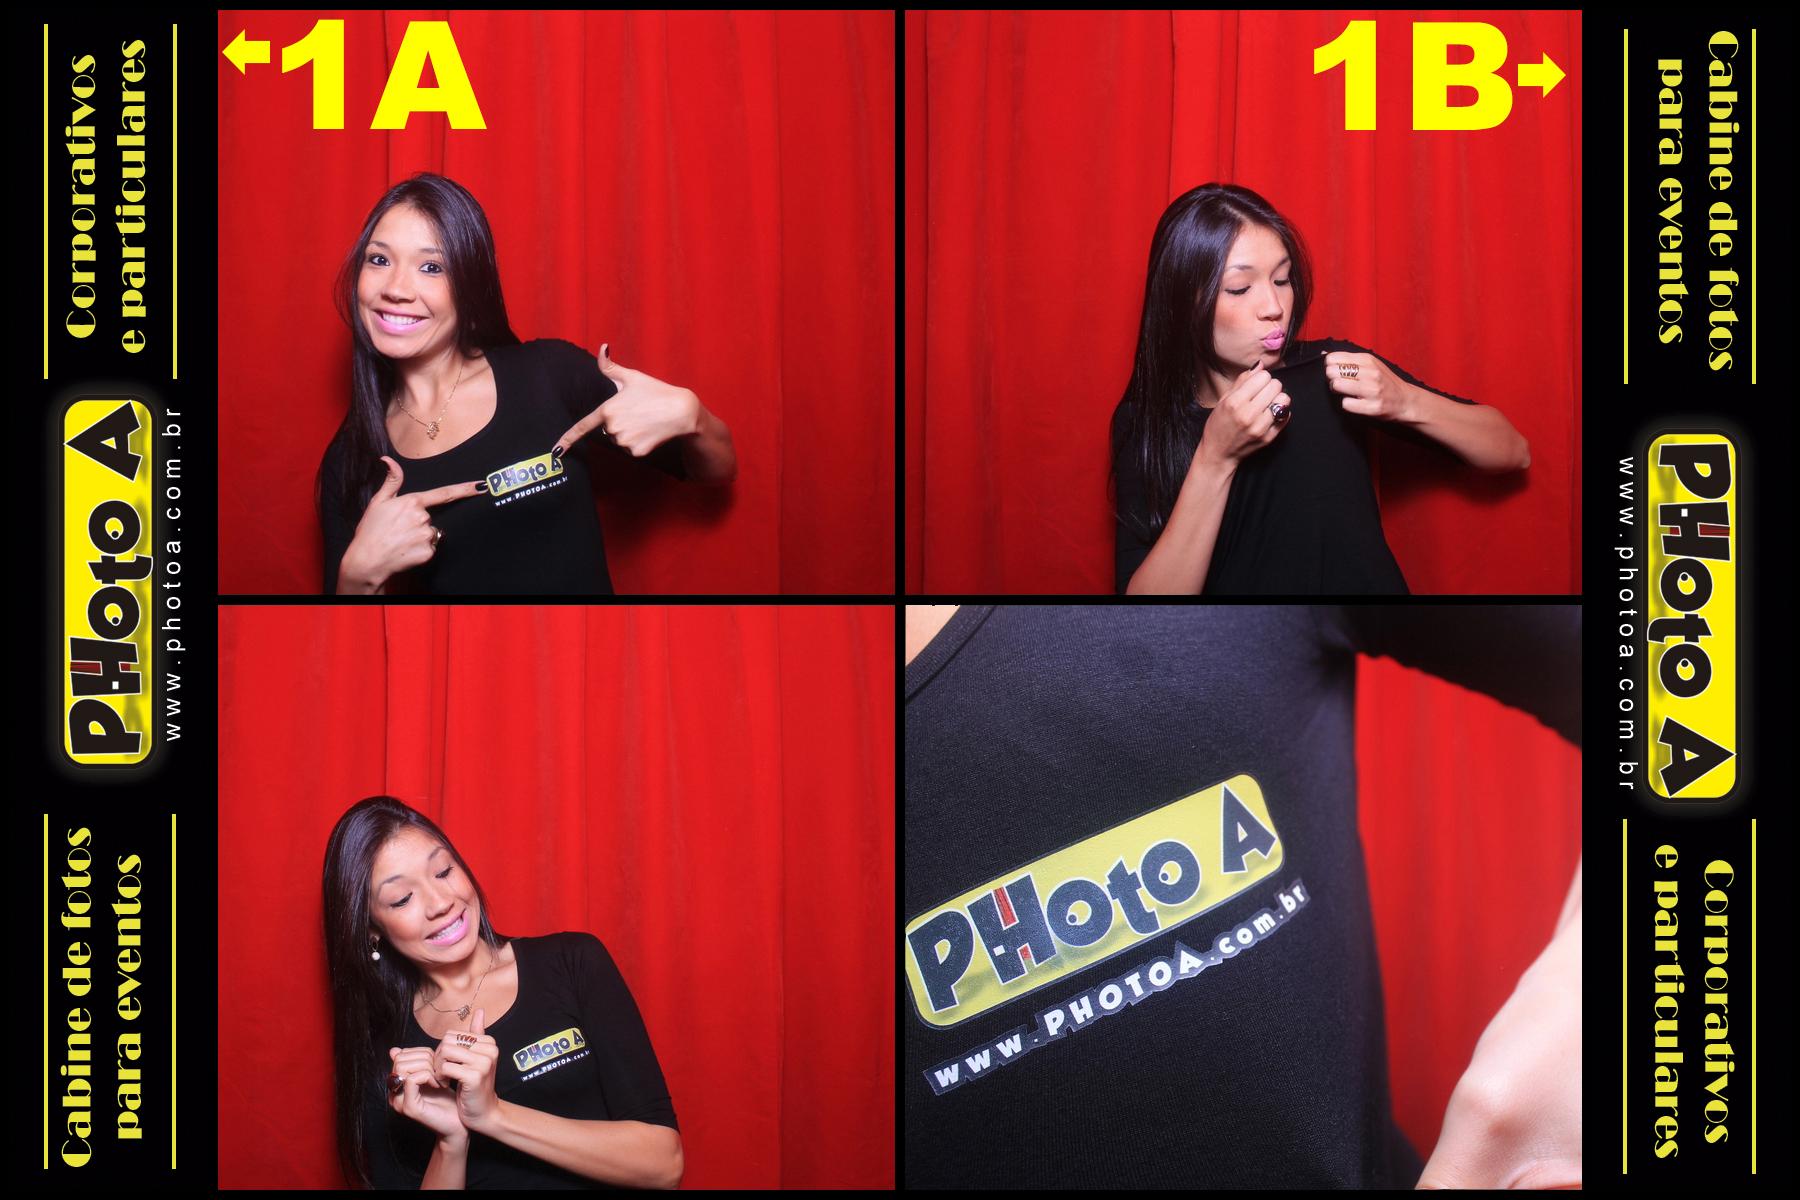 Exemplos Fotos - Photo A (exemplo 1) - Photo A - cabine de fotos - fotocabine - fotos cabine - photo booth - maquina de fotos